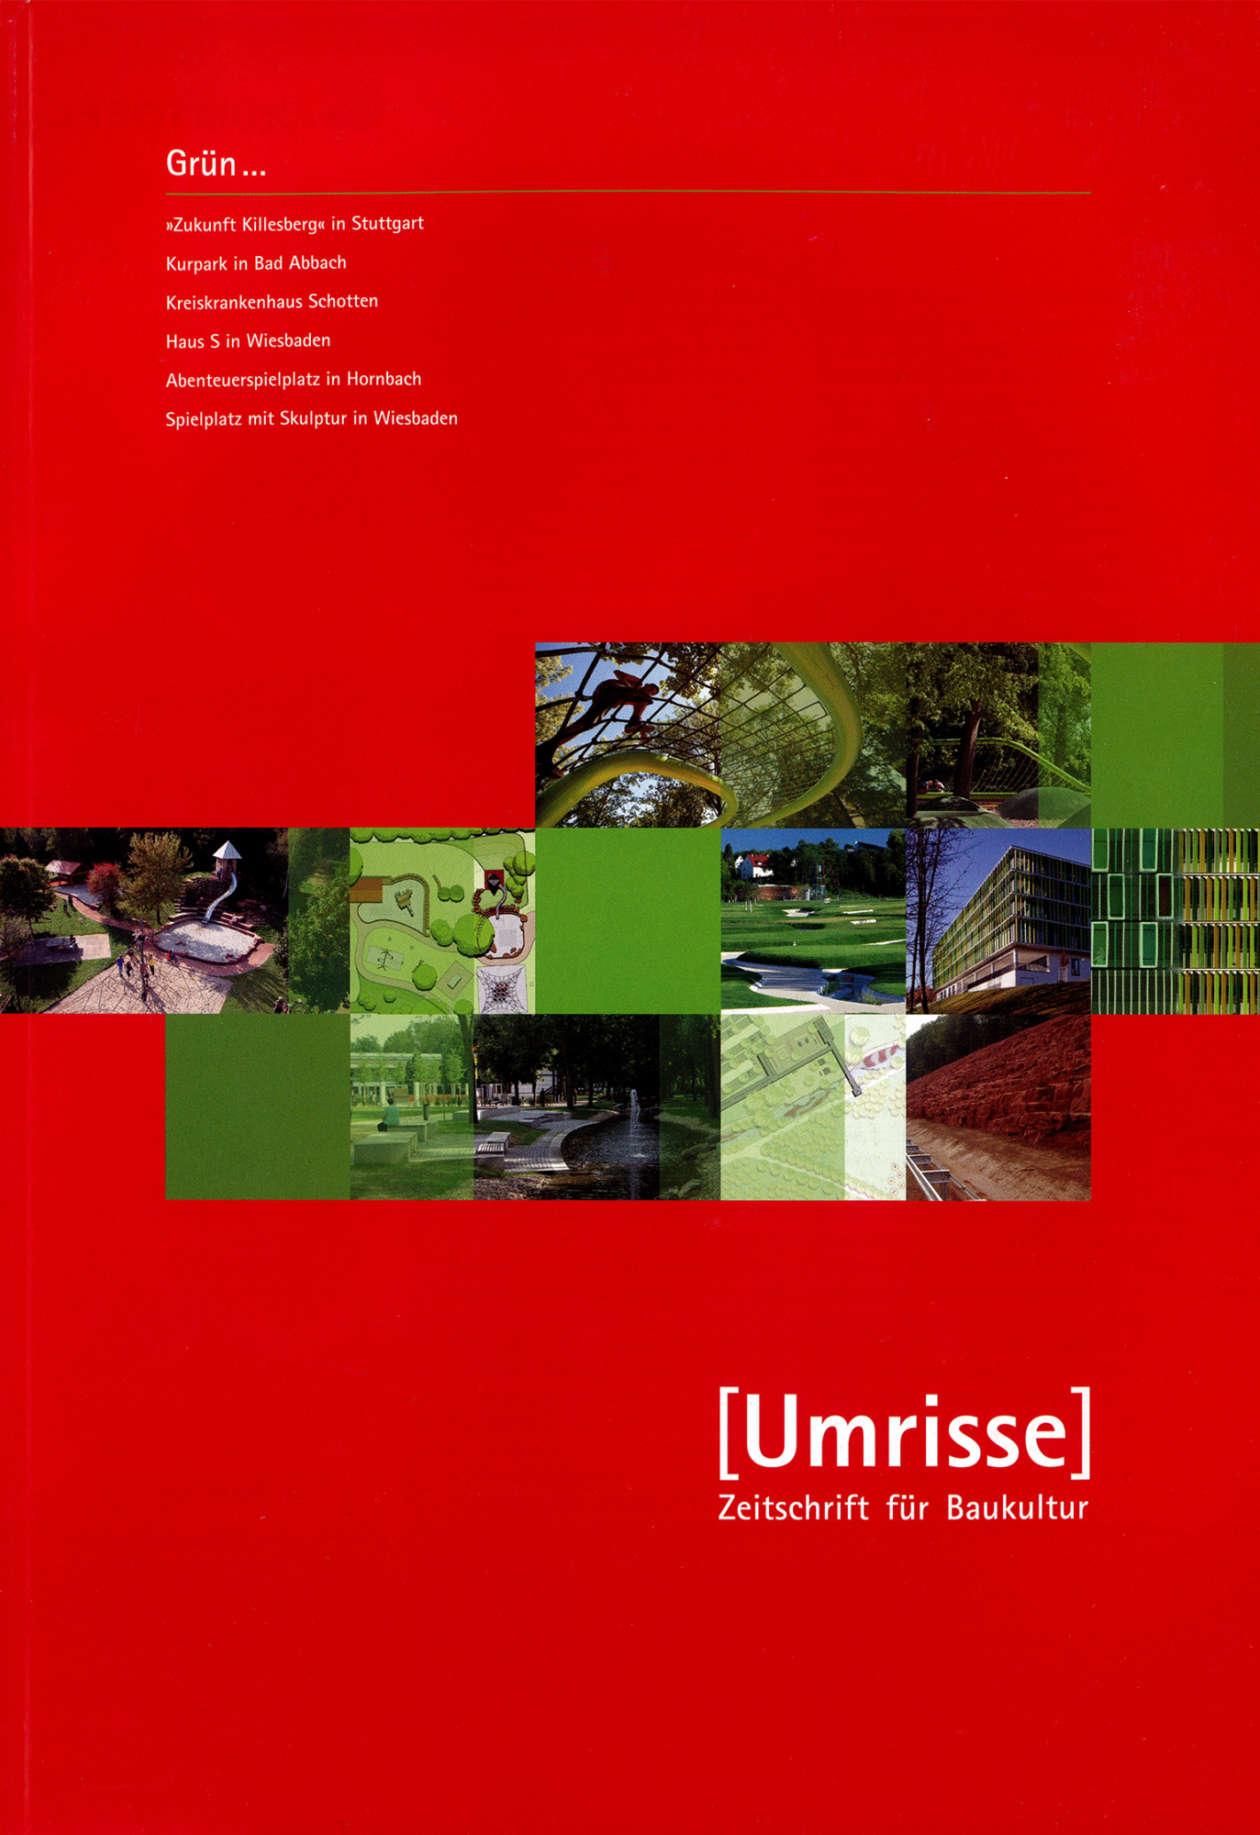 Umrisse Zeitschrift Fuer Baukultur 01